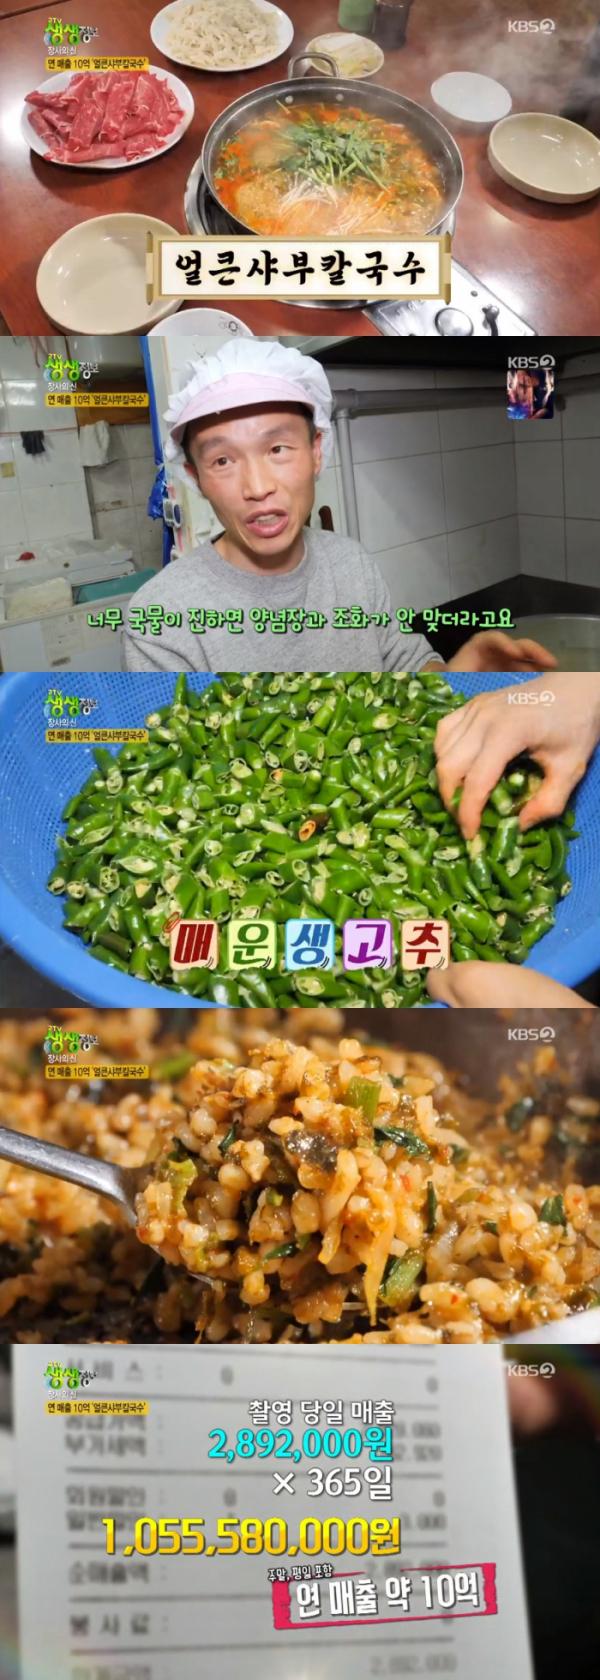 ▲장사의 신(KBS '2TV 생생정보' 방송화면)